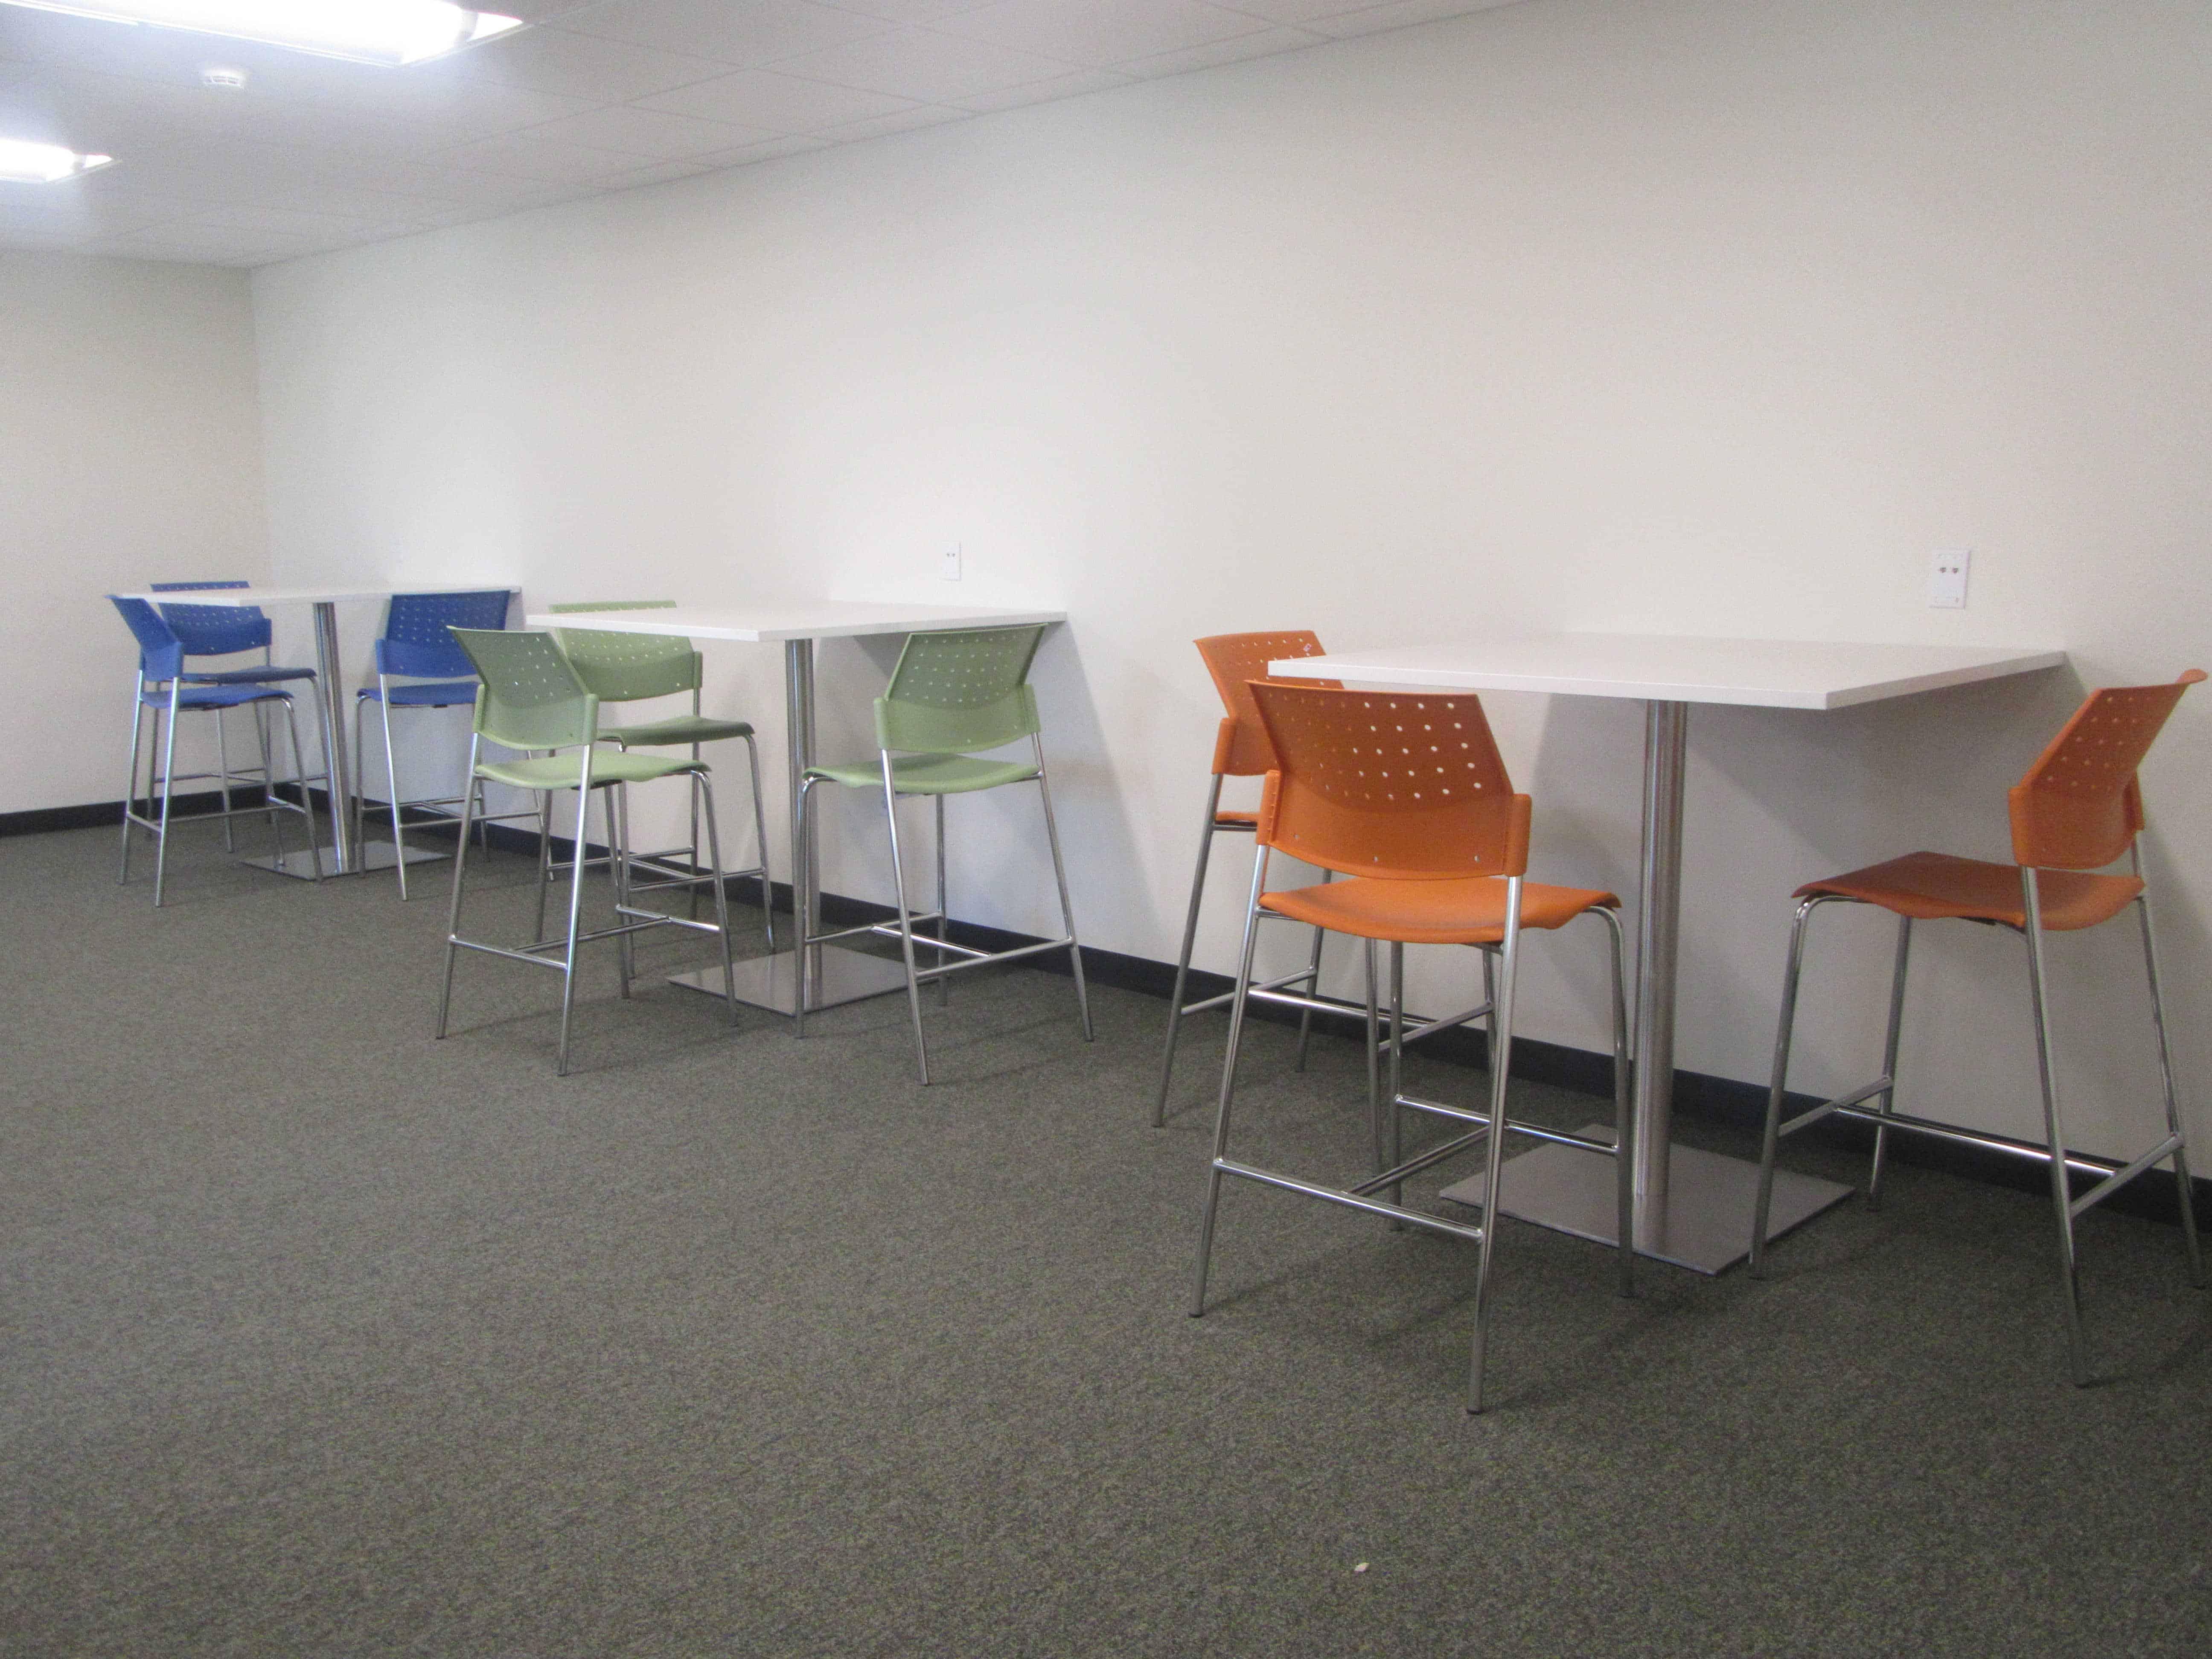 Office lounge furniture, massachusetts